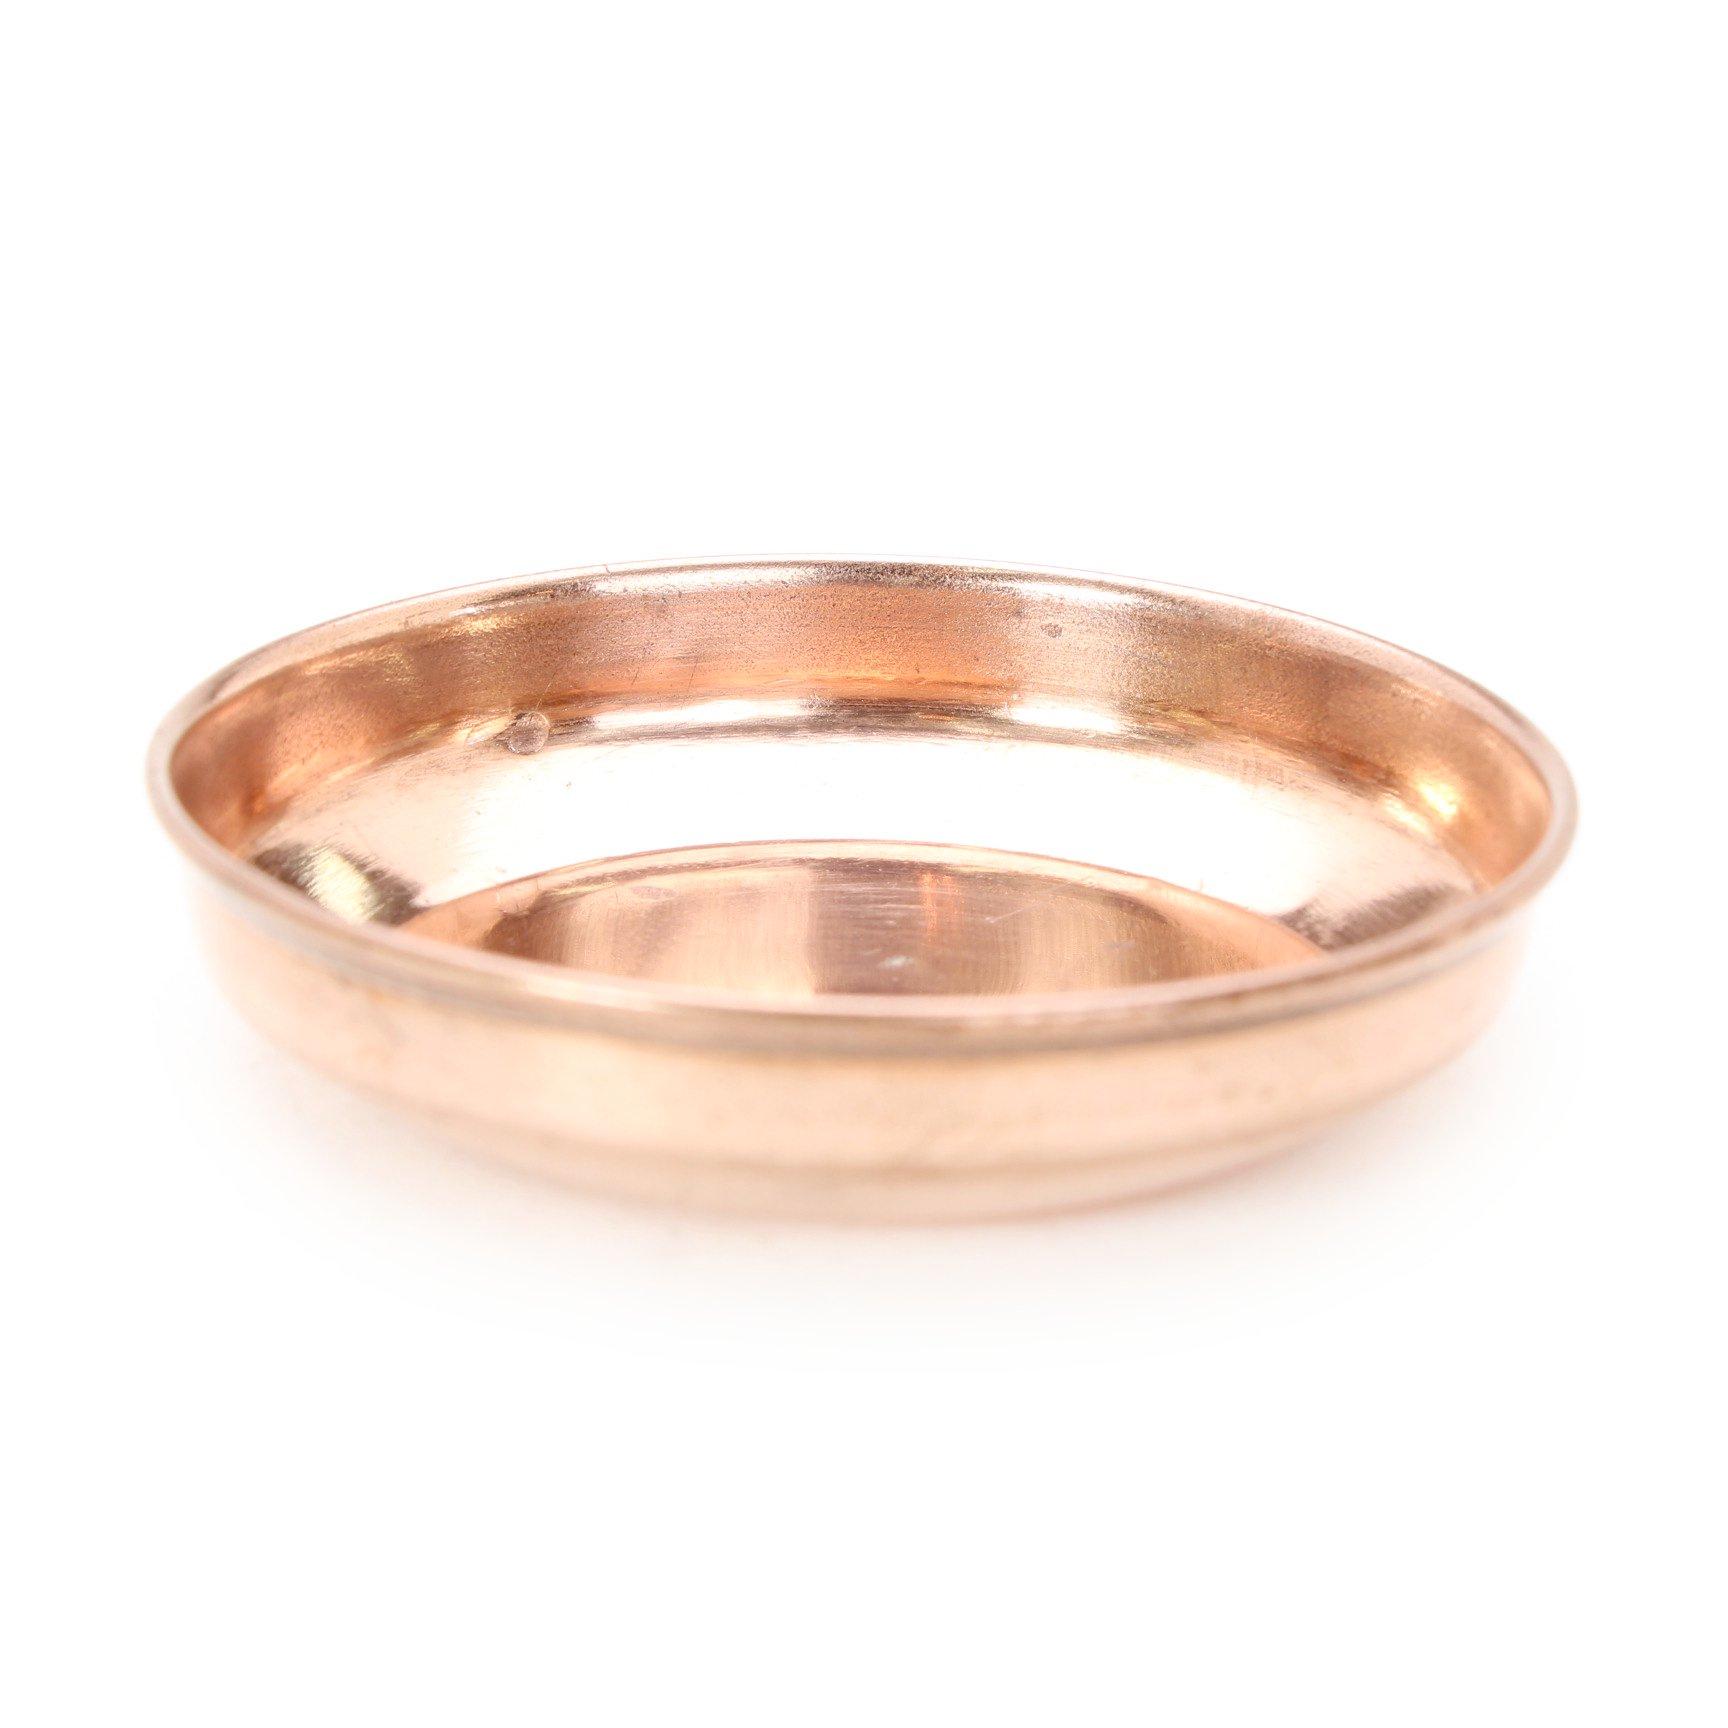 銅製プレート(プレーン、直径約7.7cm)